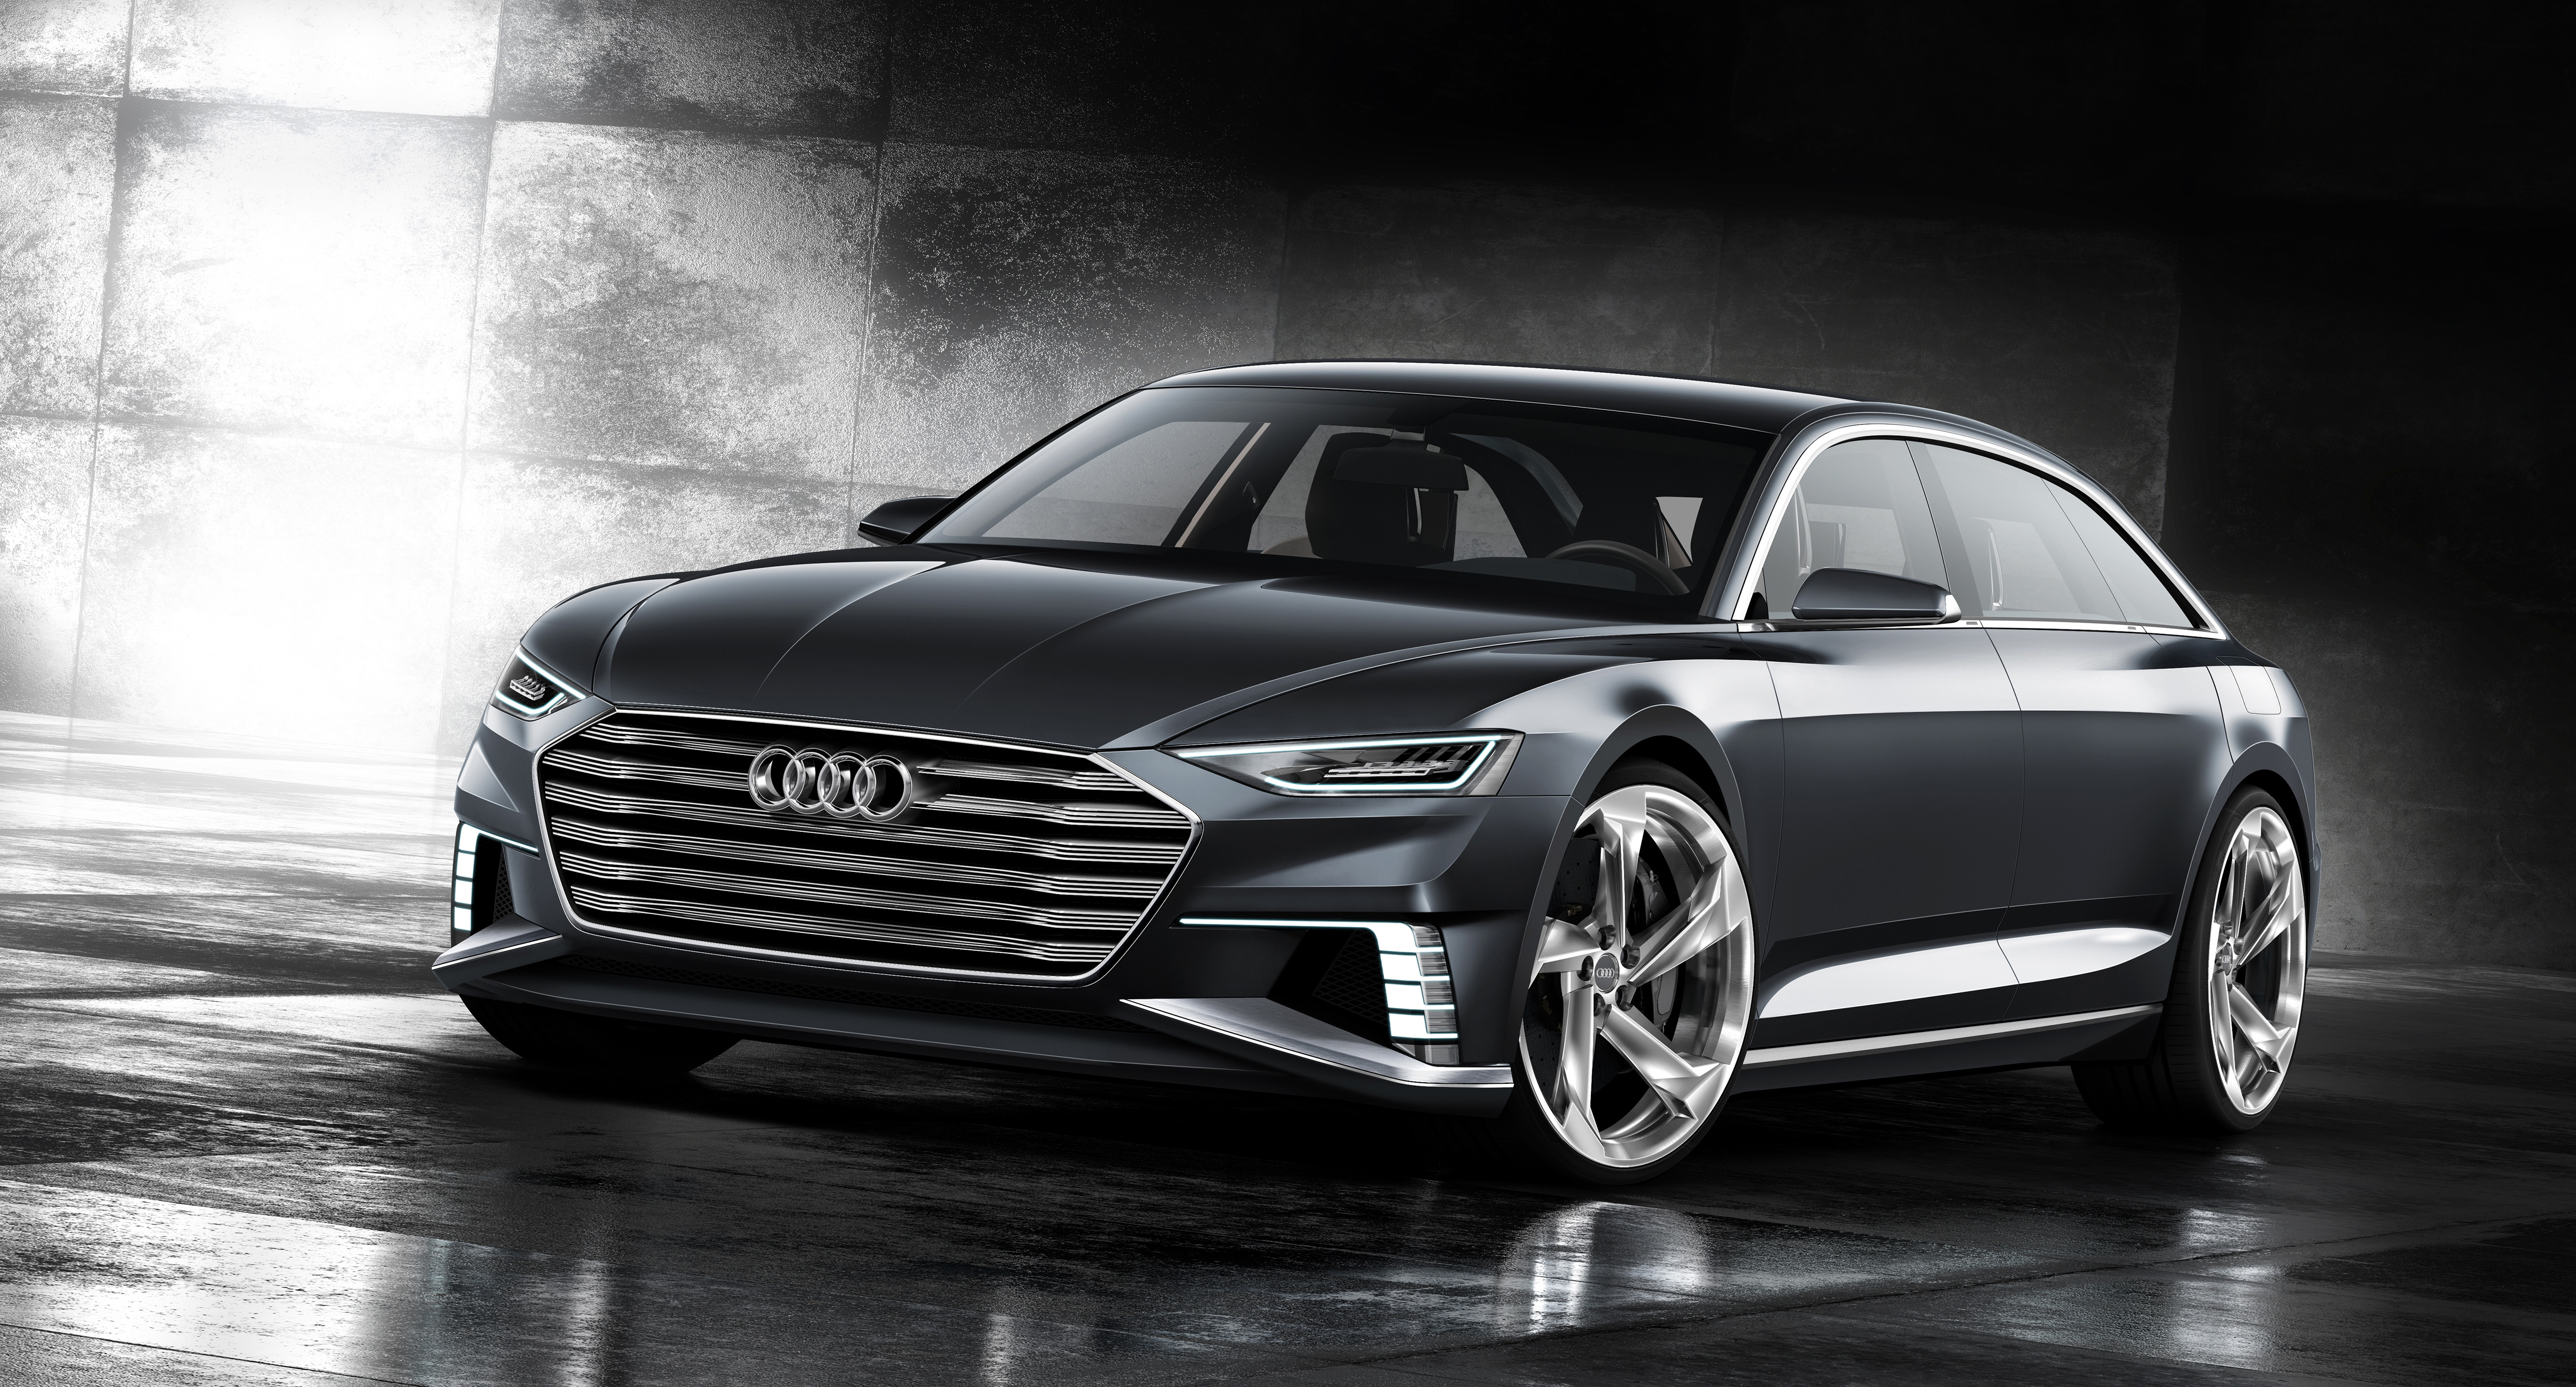 Audi Prologue Avant Concept To Preview Next Generation A7